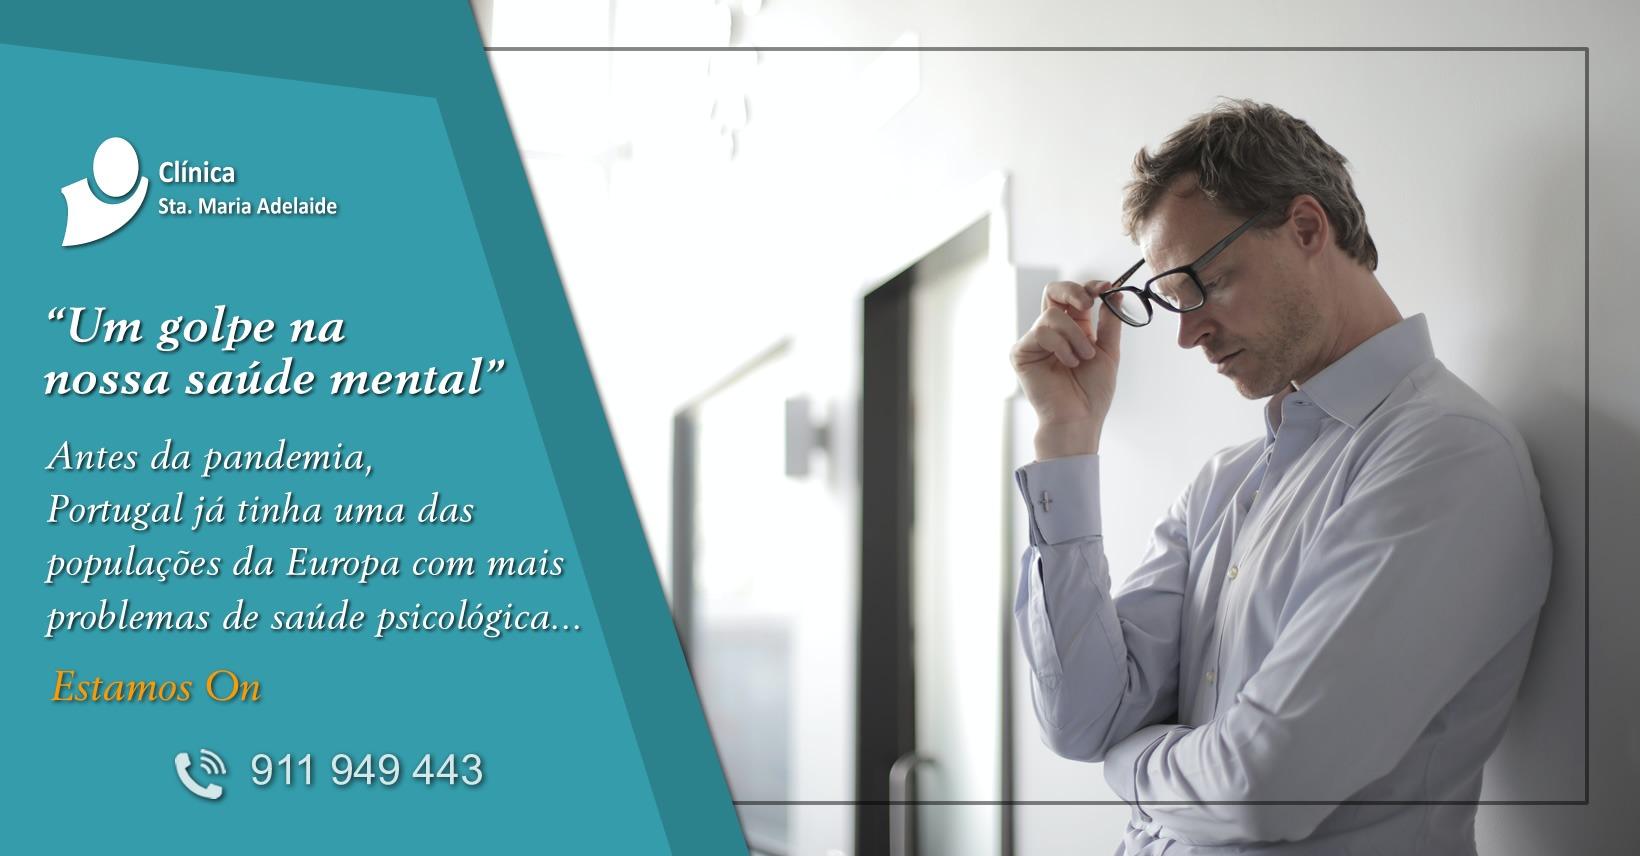 Depressão, Ansiedade, confinamento, Pandemia em Portugal